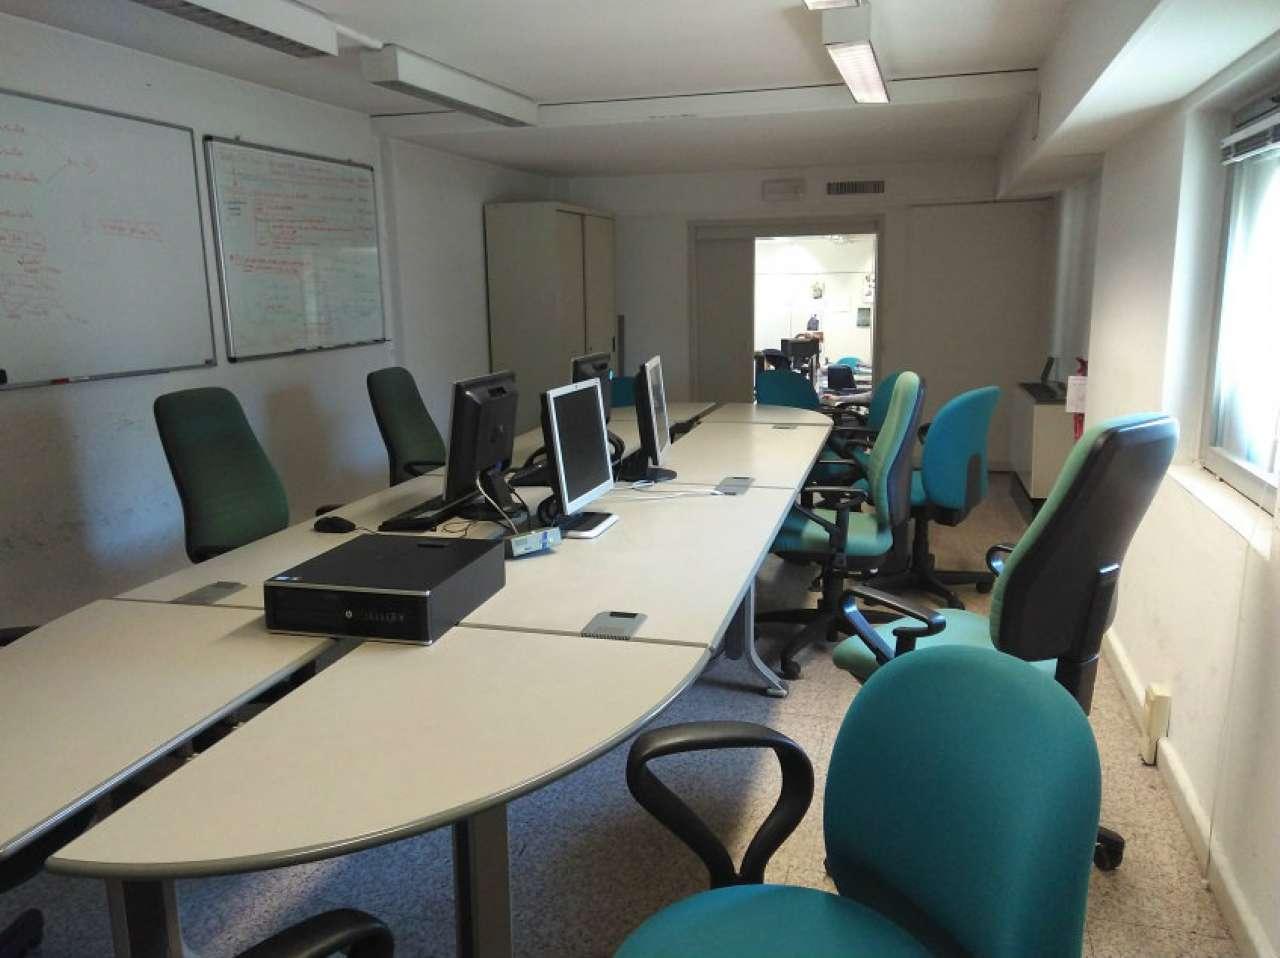 Ufficio / Studio in vendita a Lodi, 4 locali, prezzo € 680.000 | Cambio Casa.it